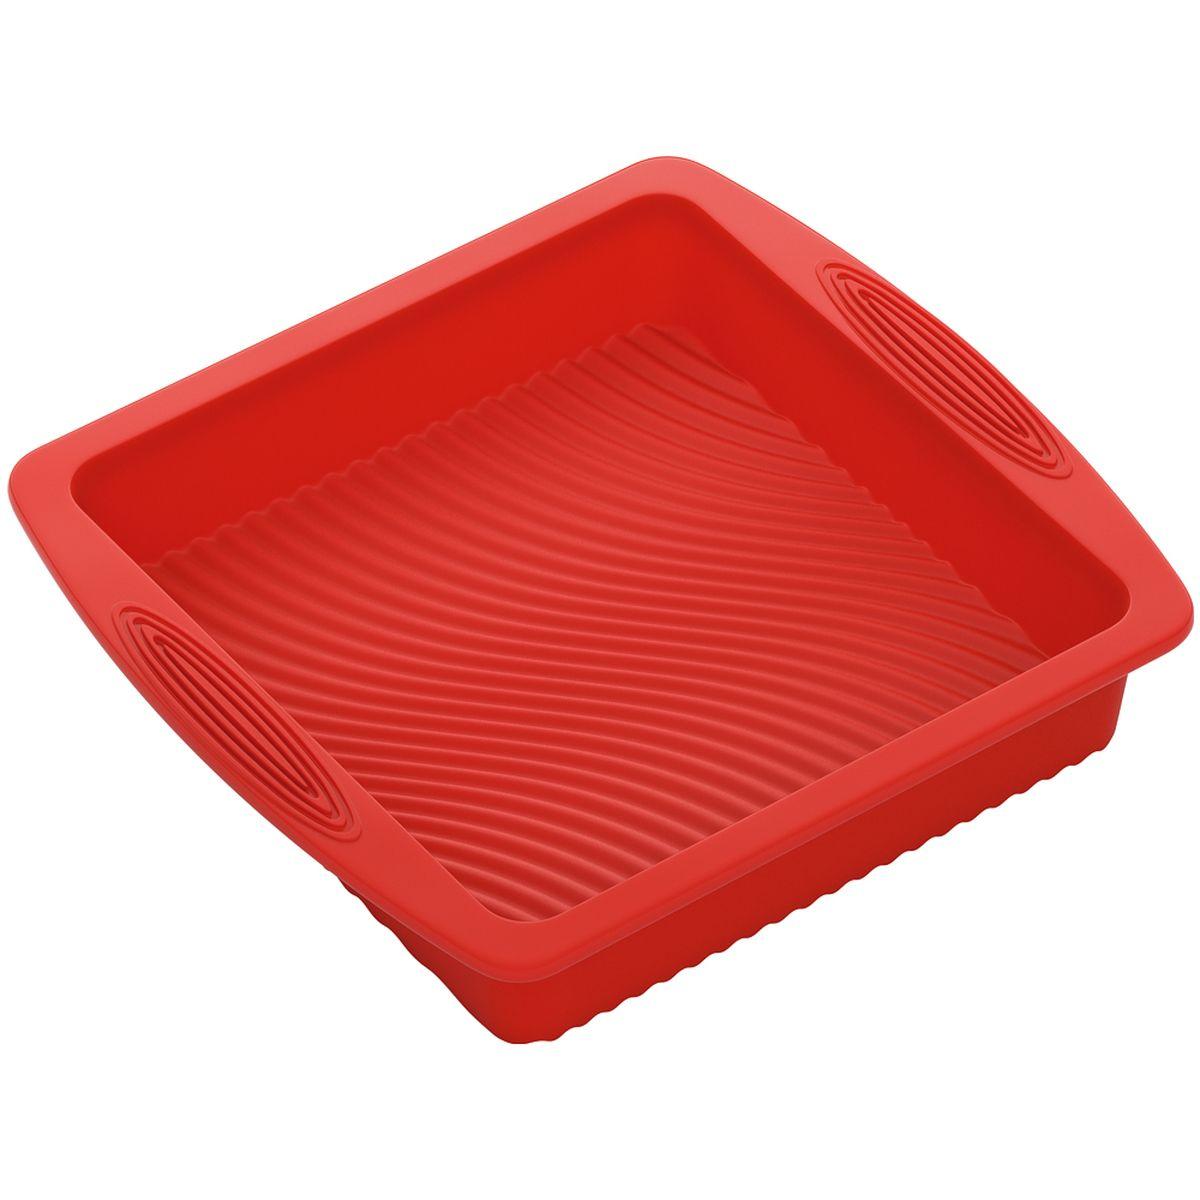 Форма для выпечки Nadoba Mila, силиконовая, квадратная, 26 х 24 х 5 см форма для маффинов nadoba mila 762015